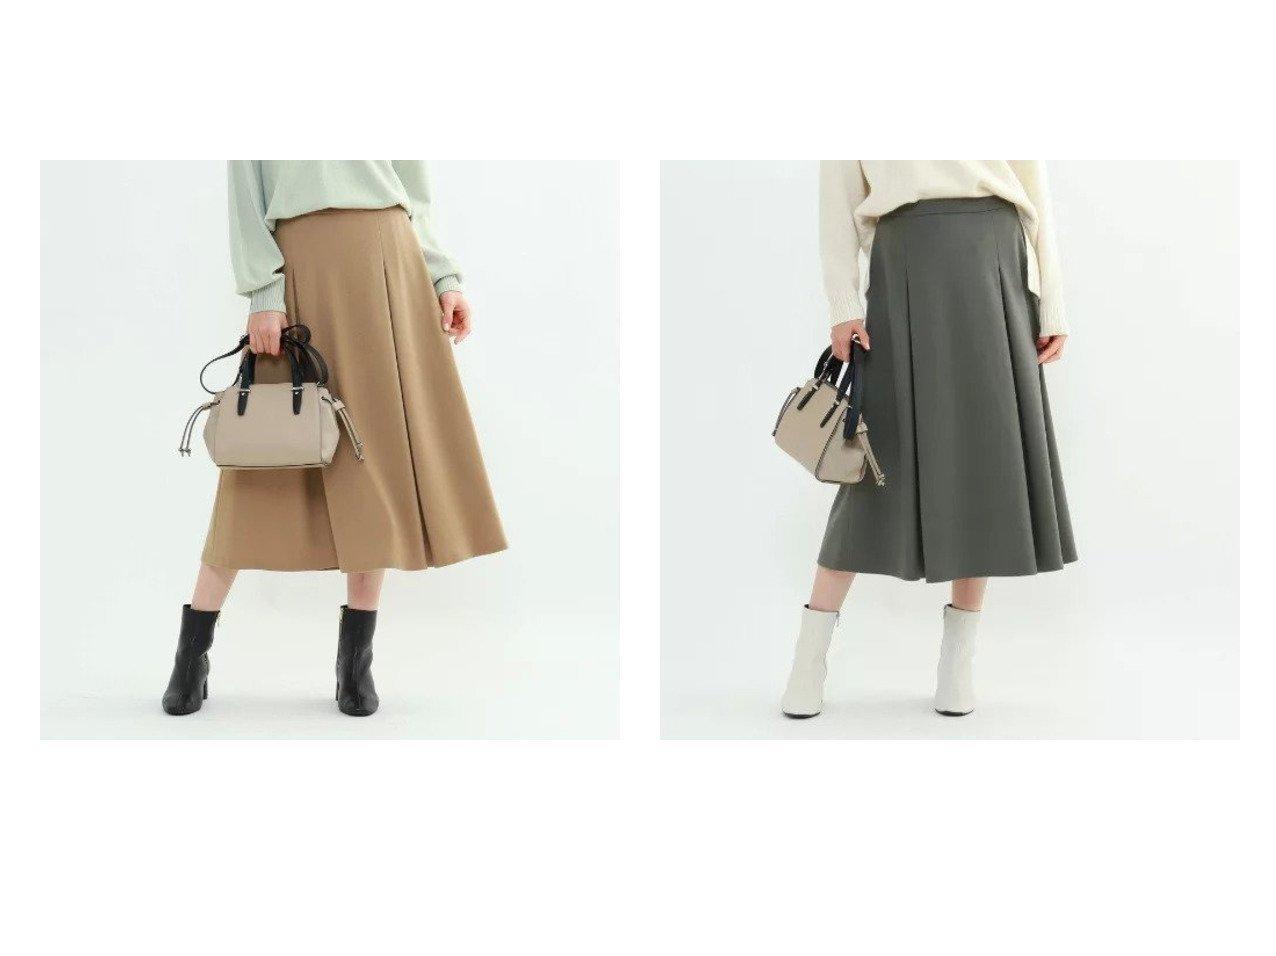 【INDIVI/インディヴィ】のジェームスミルドジャージスカート スカートのおすすめ!人気トレンド・レディースファッションの通販 おすすめで人気の流行・トレンド、ファッションの通販商品 メンズファッション・キッズファッション・インテリア・家具・レディースファッション・服の通販 founy(ファニー) https://founy.com/ ファッション Fashion レディースファッション WOMEN スカート Skirt インナー フレア ポケット A/W 秋冬 Autumn &  Winter  ID:crp329100000008540